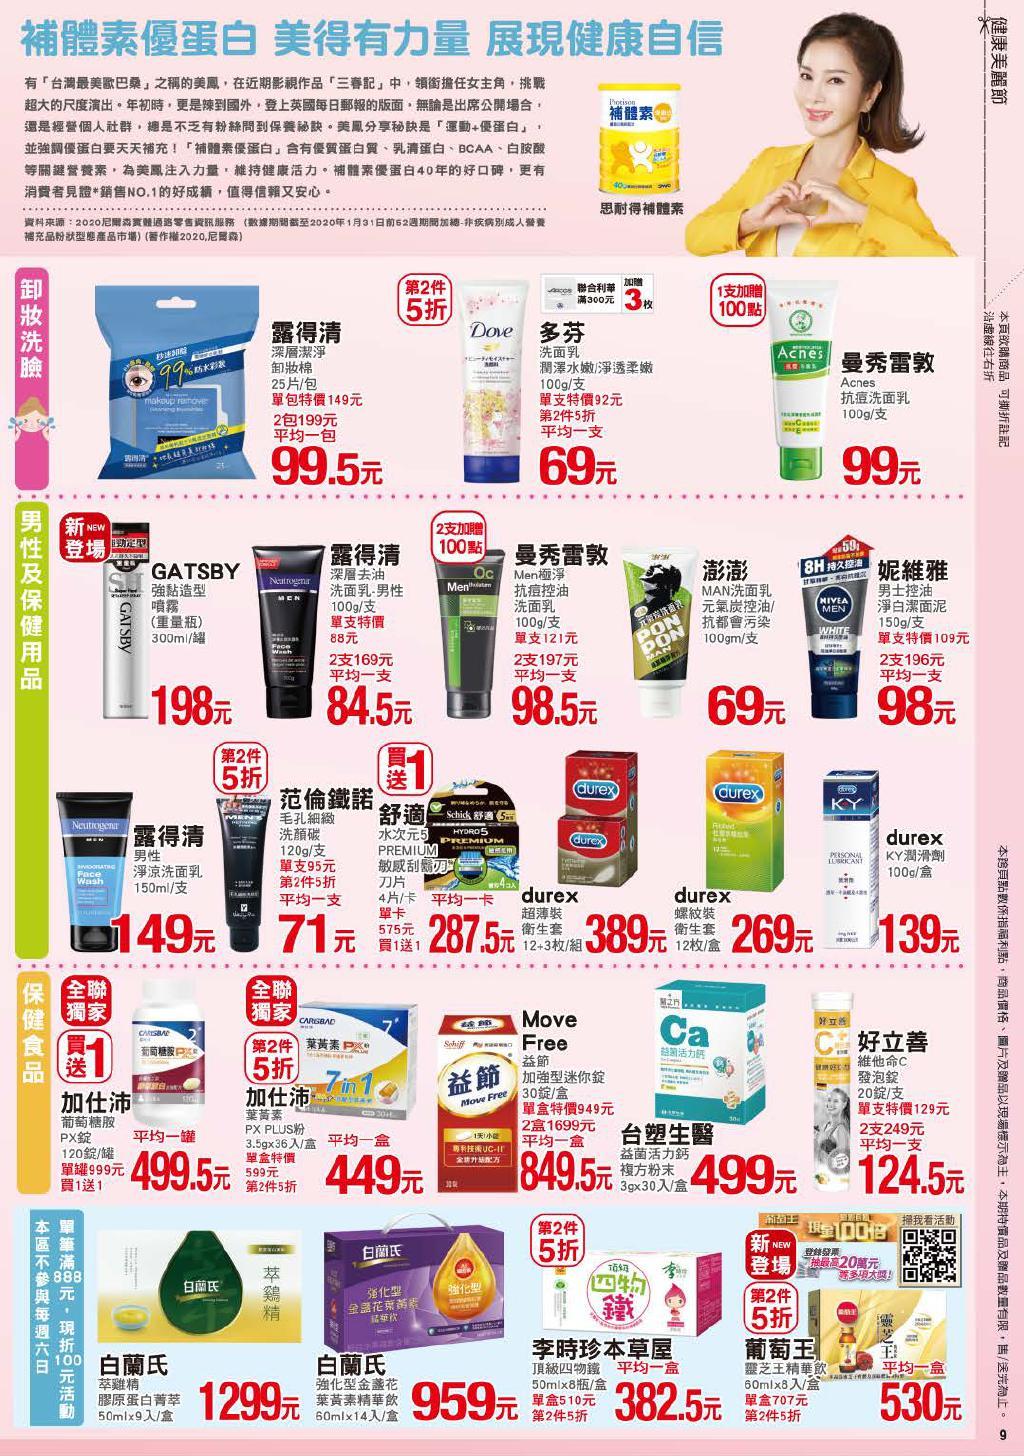 pxmart20201029_000009.jpg